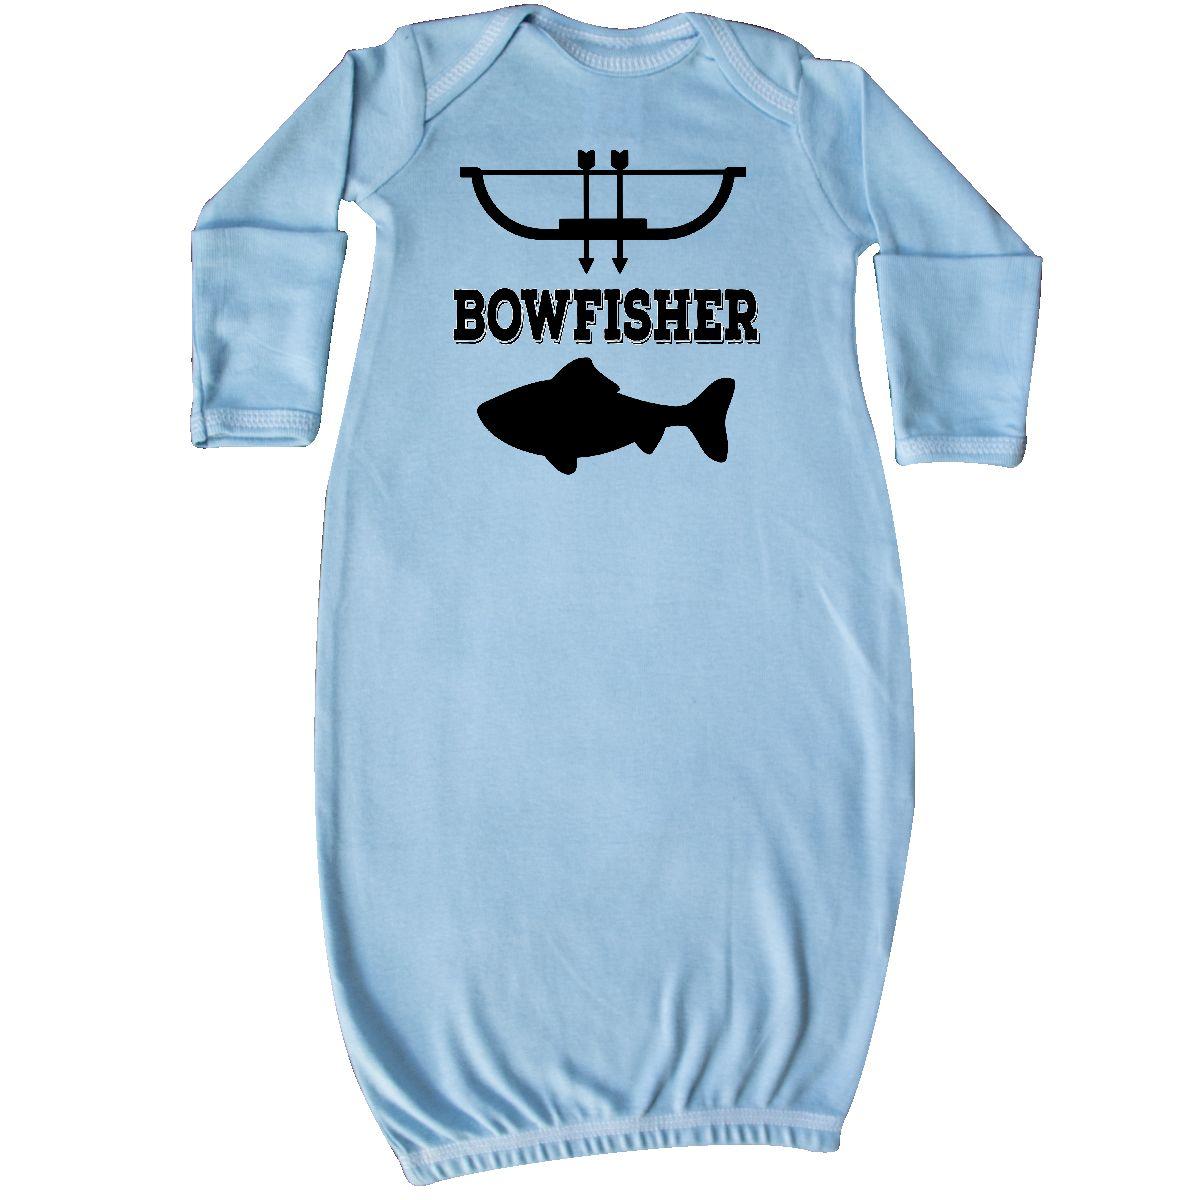 Inktastic Bowfishing Future Bowfisher Toddler T-Shirt Fishing Fisherman Childs